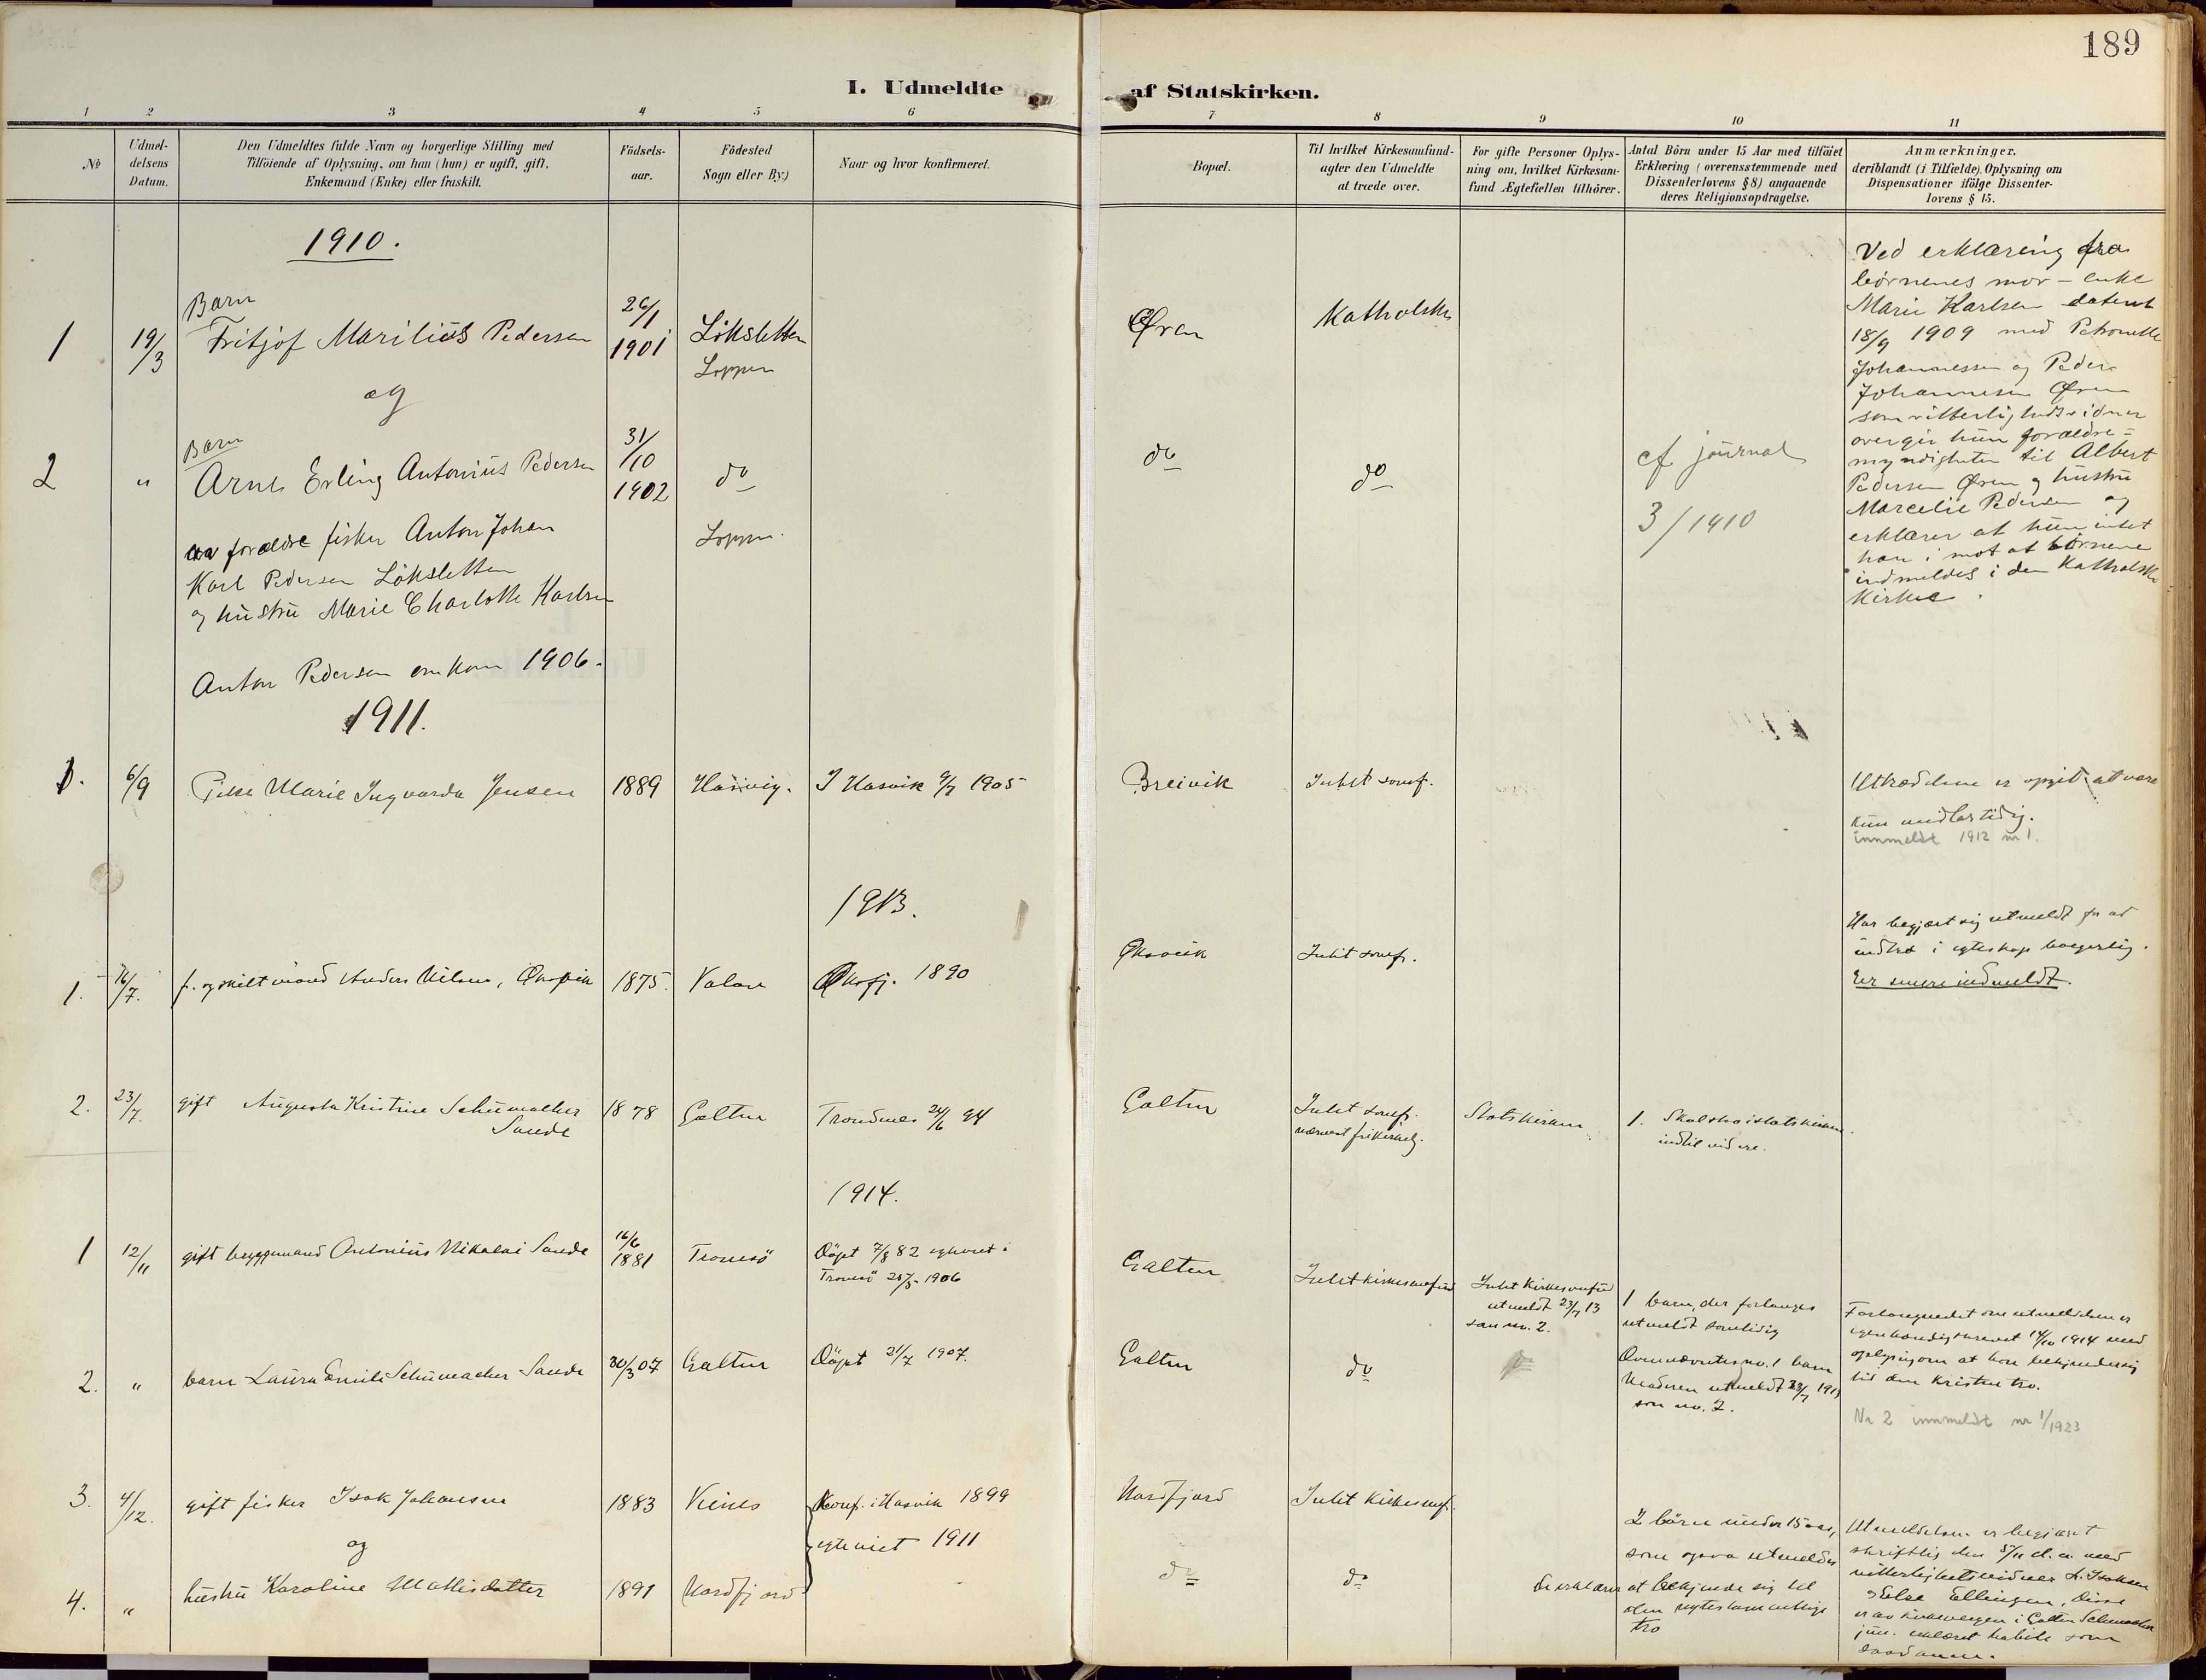 SATØ, Loppa sokneprestkontor, H/Ha/L0010kirke: Ministerialbok nr. 10, 1907-1922, s. 189